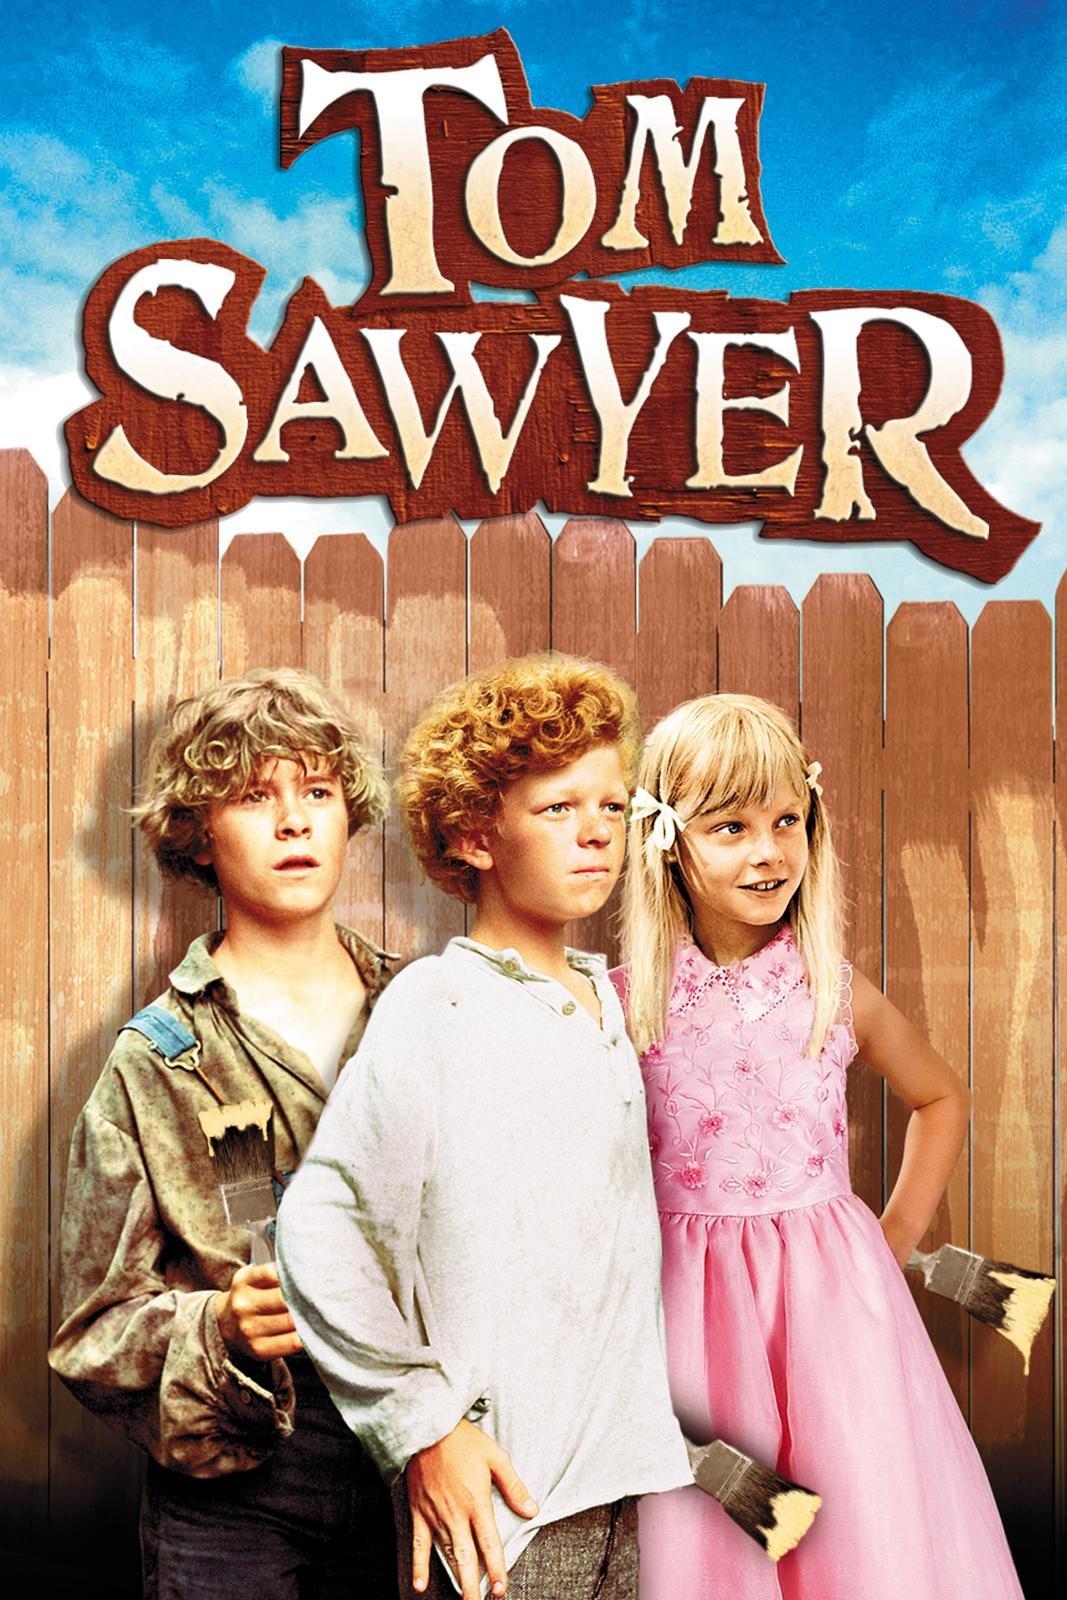 Tom Sawyer by